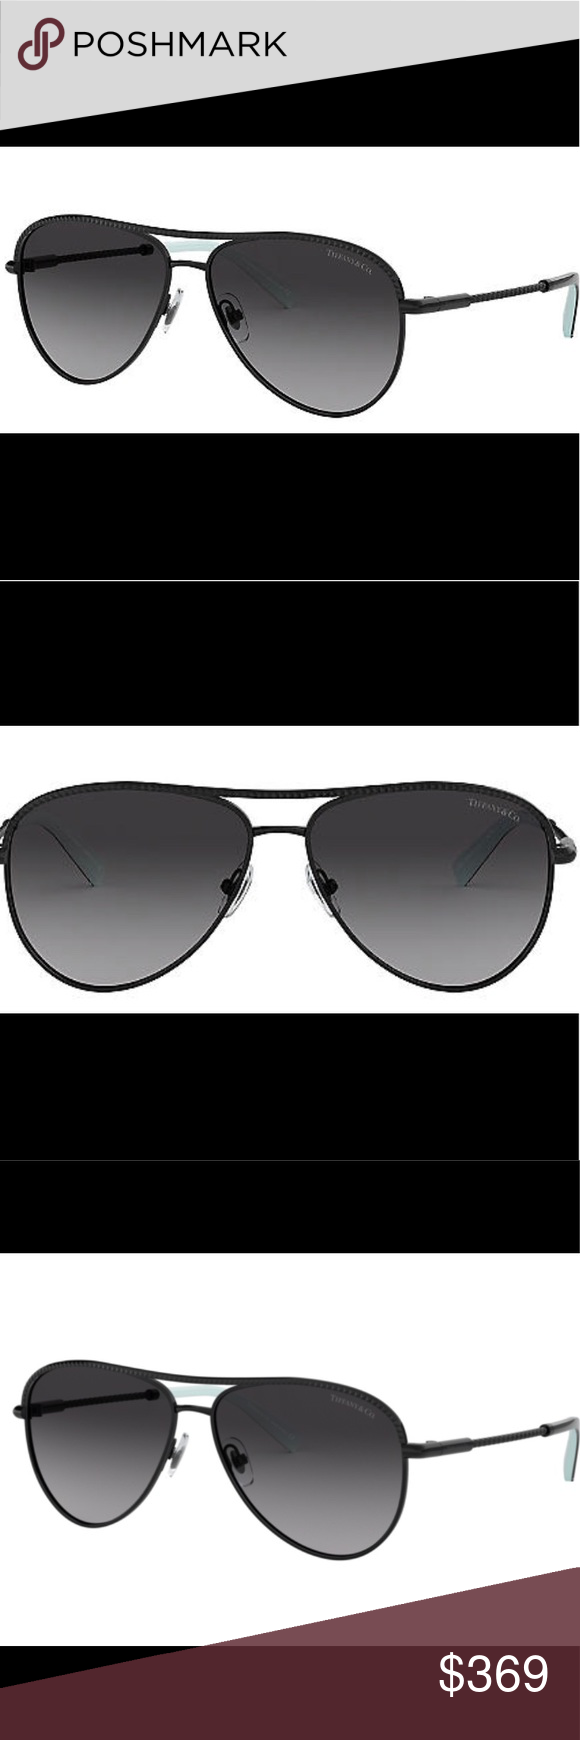 1ea8e2719b46 Tiffany 3062 Sunglasses 🕶 🆕‼ Brand 🆕‼ Tiffany   Co. Accessories  Sunglasses